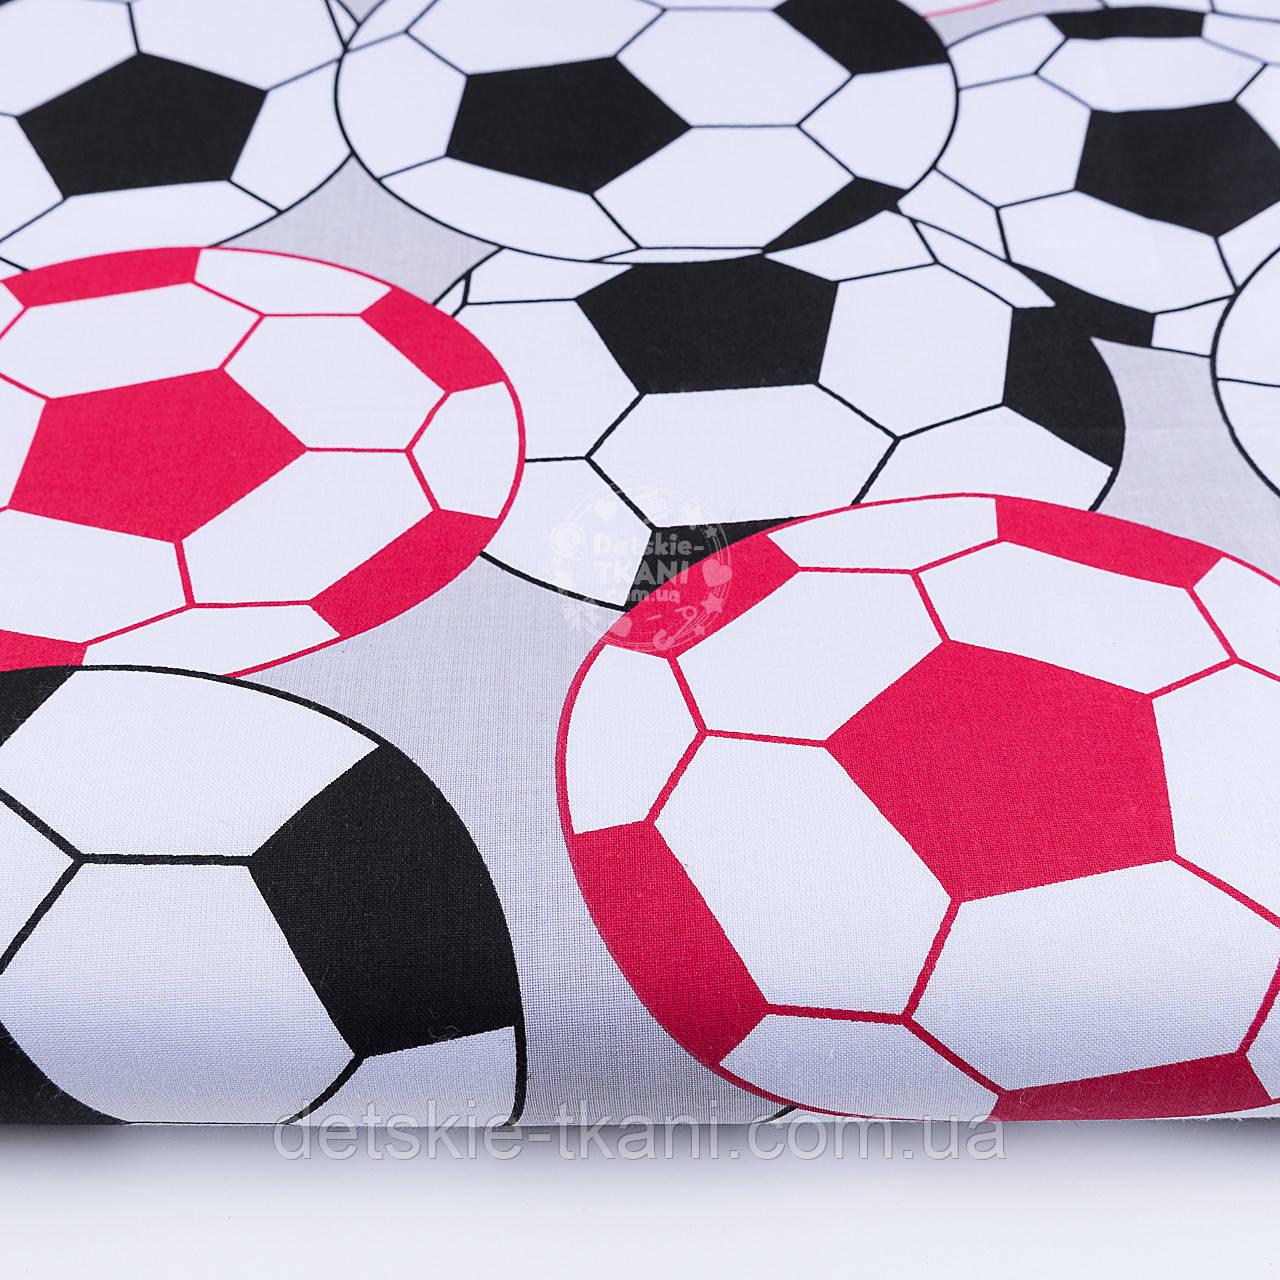 """Польская бязь """"Футбольные мячи"""", цвет красный и чёрный, №1168"""